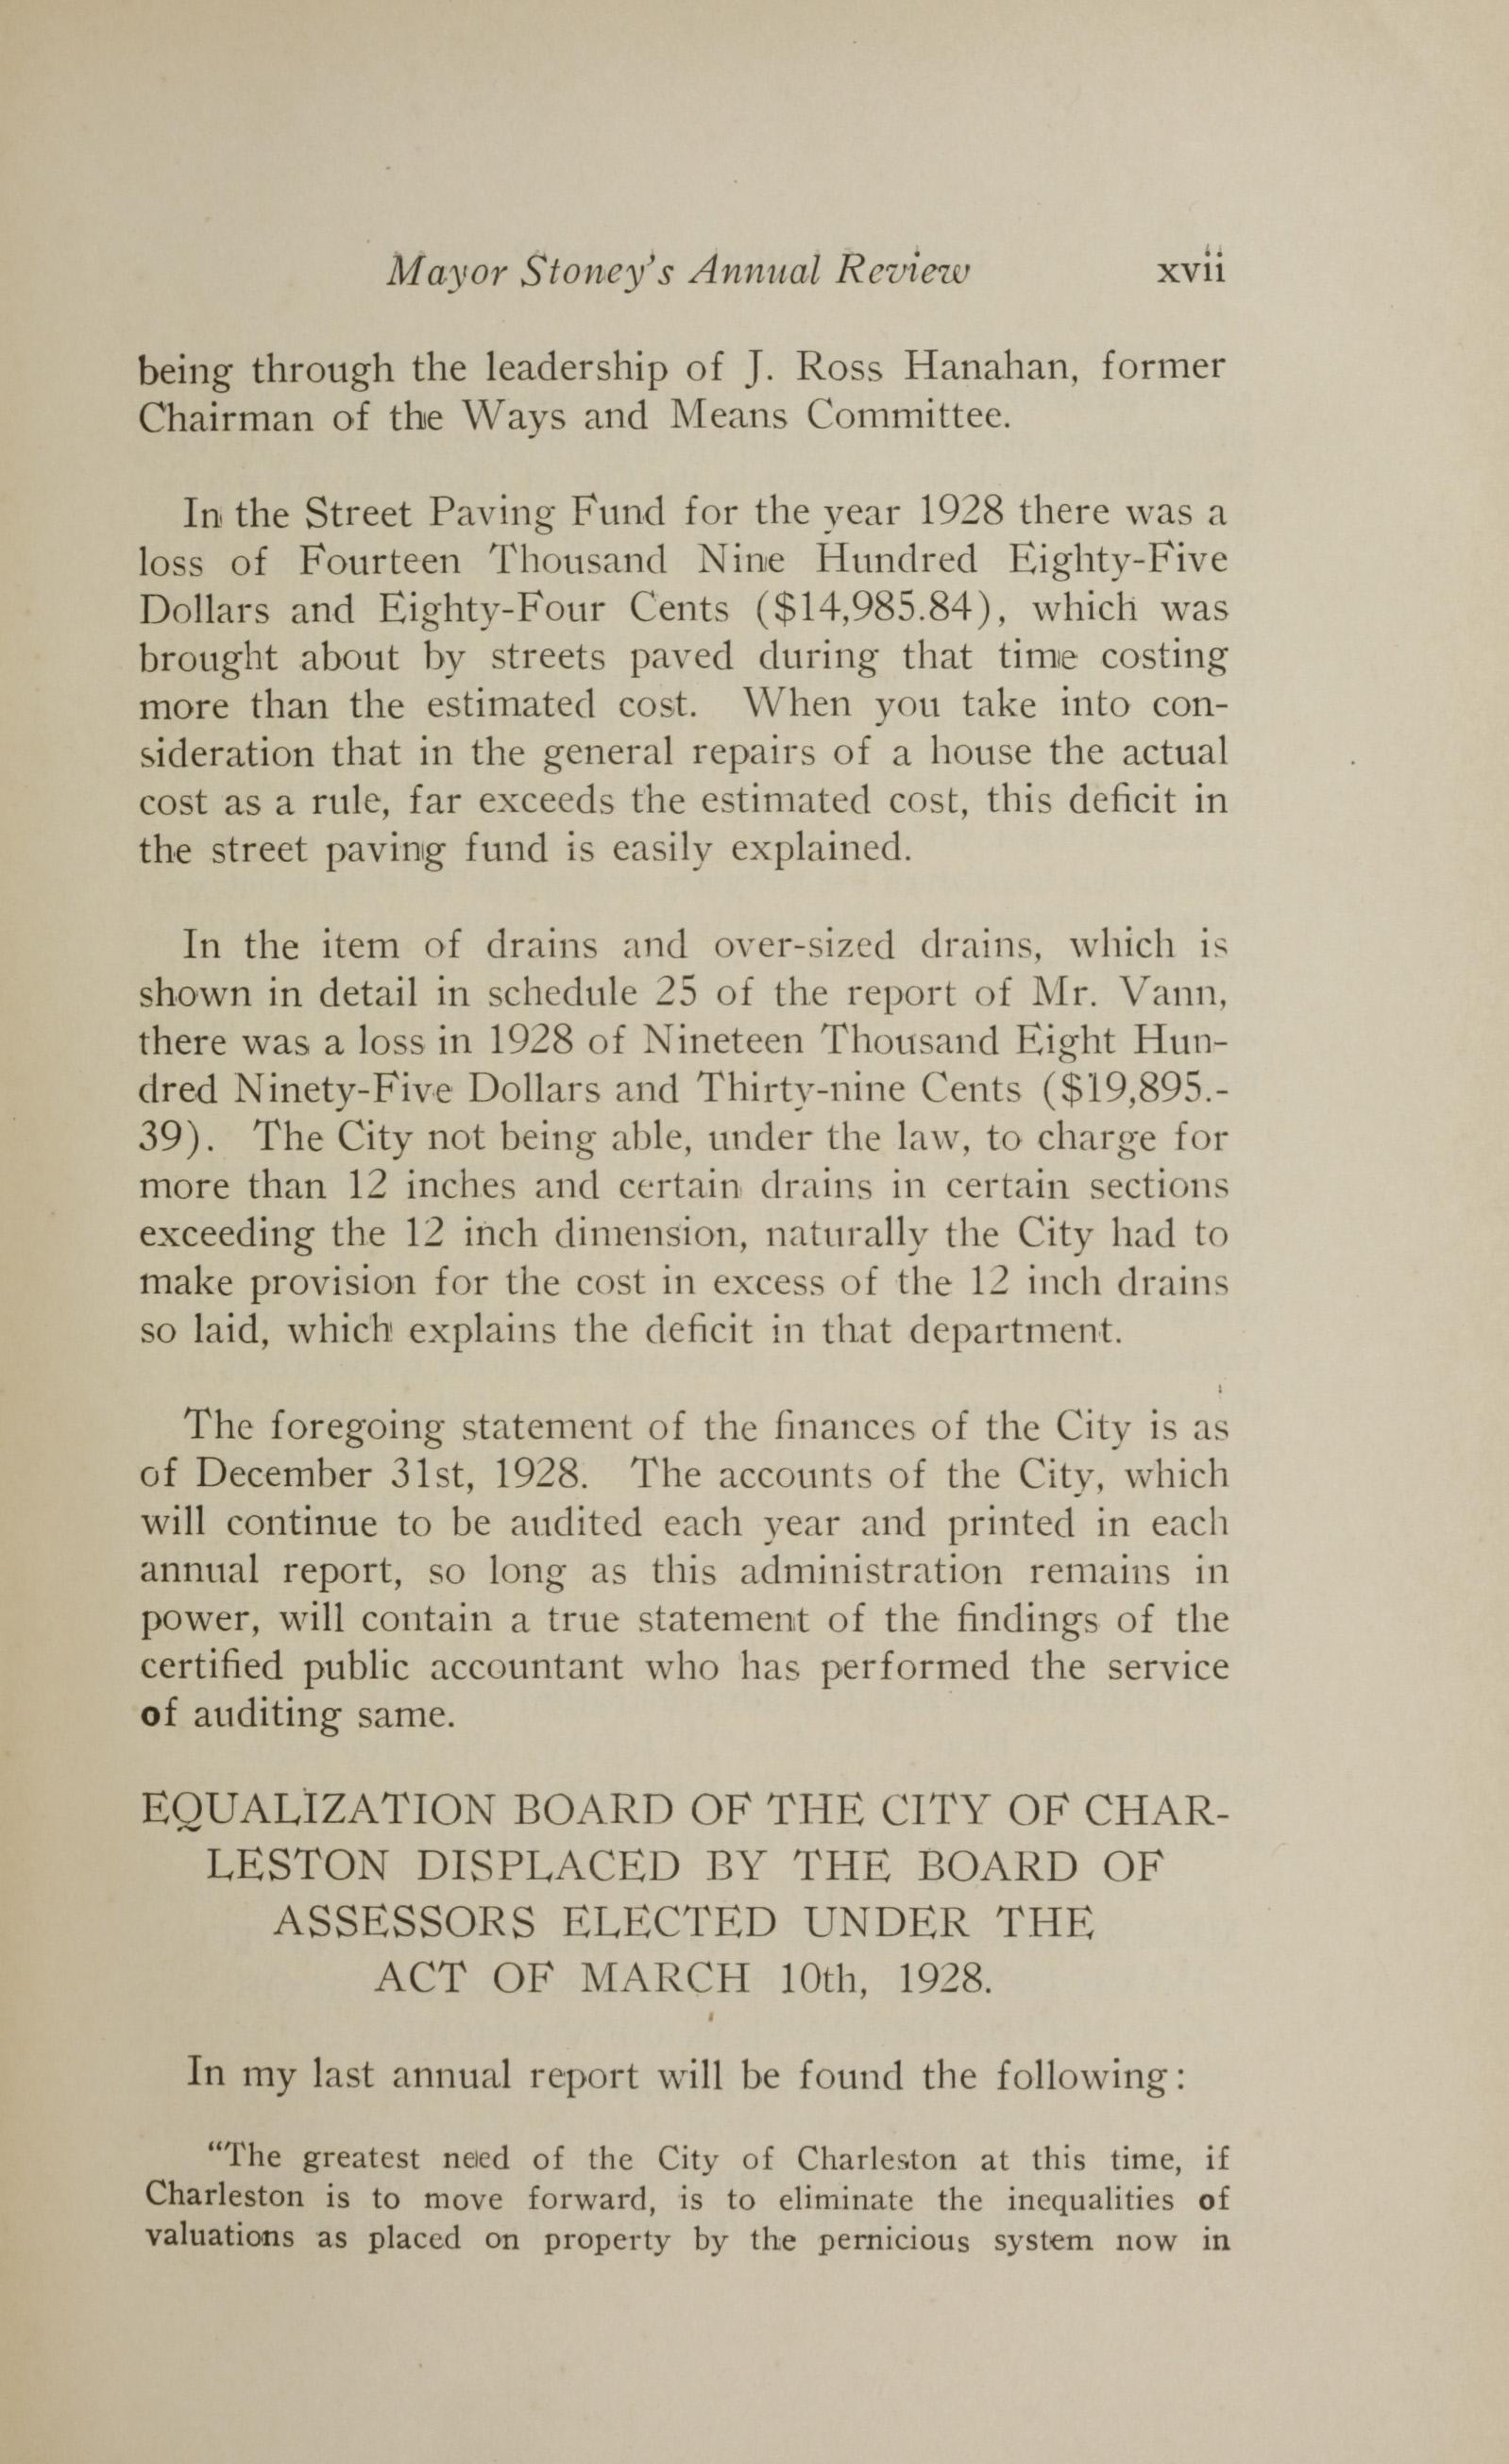 Charleston Yearbook, 1928, page xvii